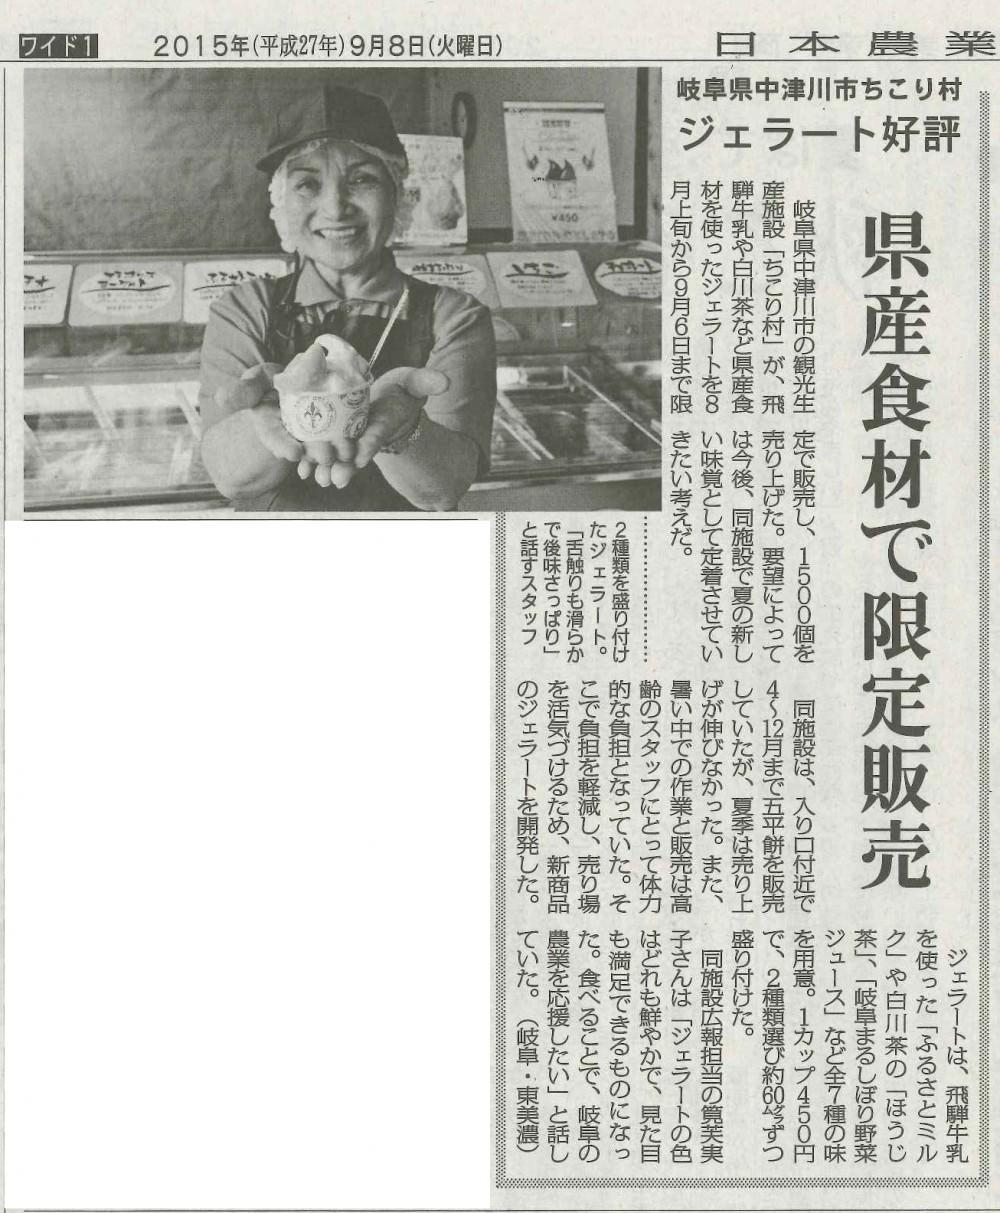 ○日本農業20150915121253514_0004ーsv